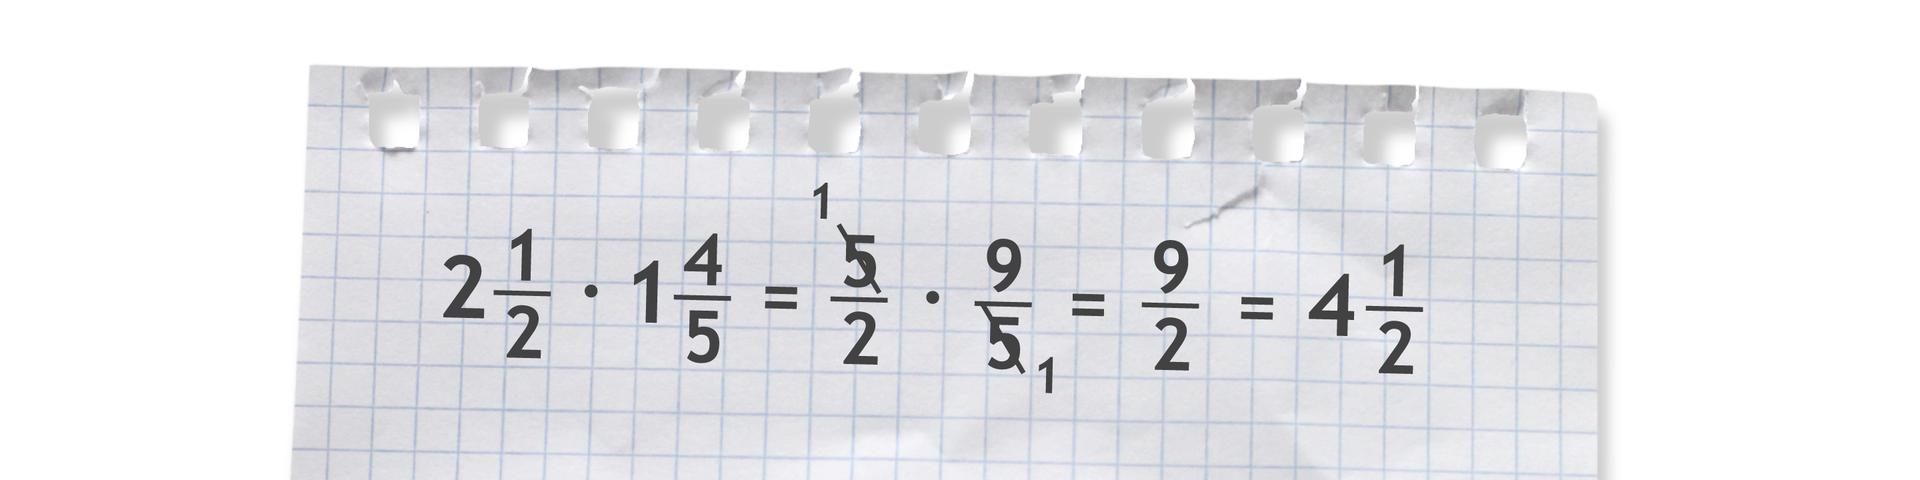 Przykład: dwie całe ijedna druga razy jedna cała icztery piąte równa się pięć drugich razy dziewięć piątych (po skróceniu przez pięć zlicznika imianownika ułamków liczby 5) równa się dziewięć drugich równa się cztery całe ijedna druga.